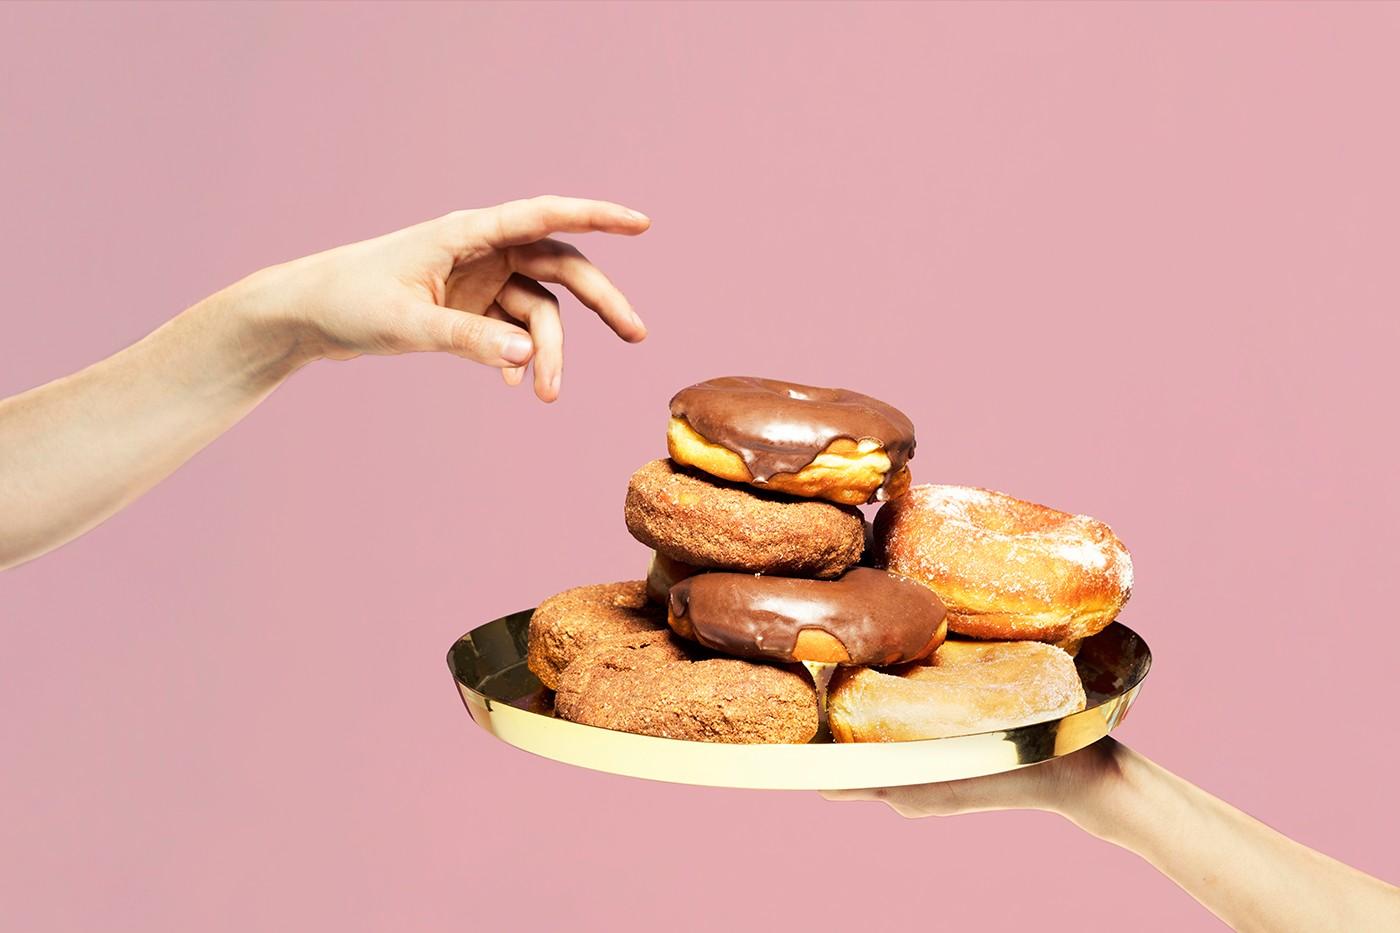 Sabah甜品店视觉形象和店面装修设计